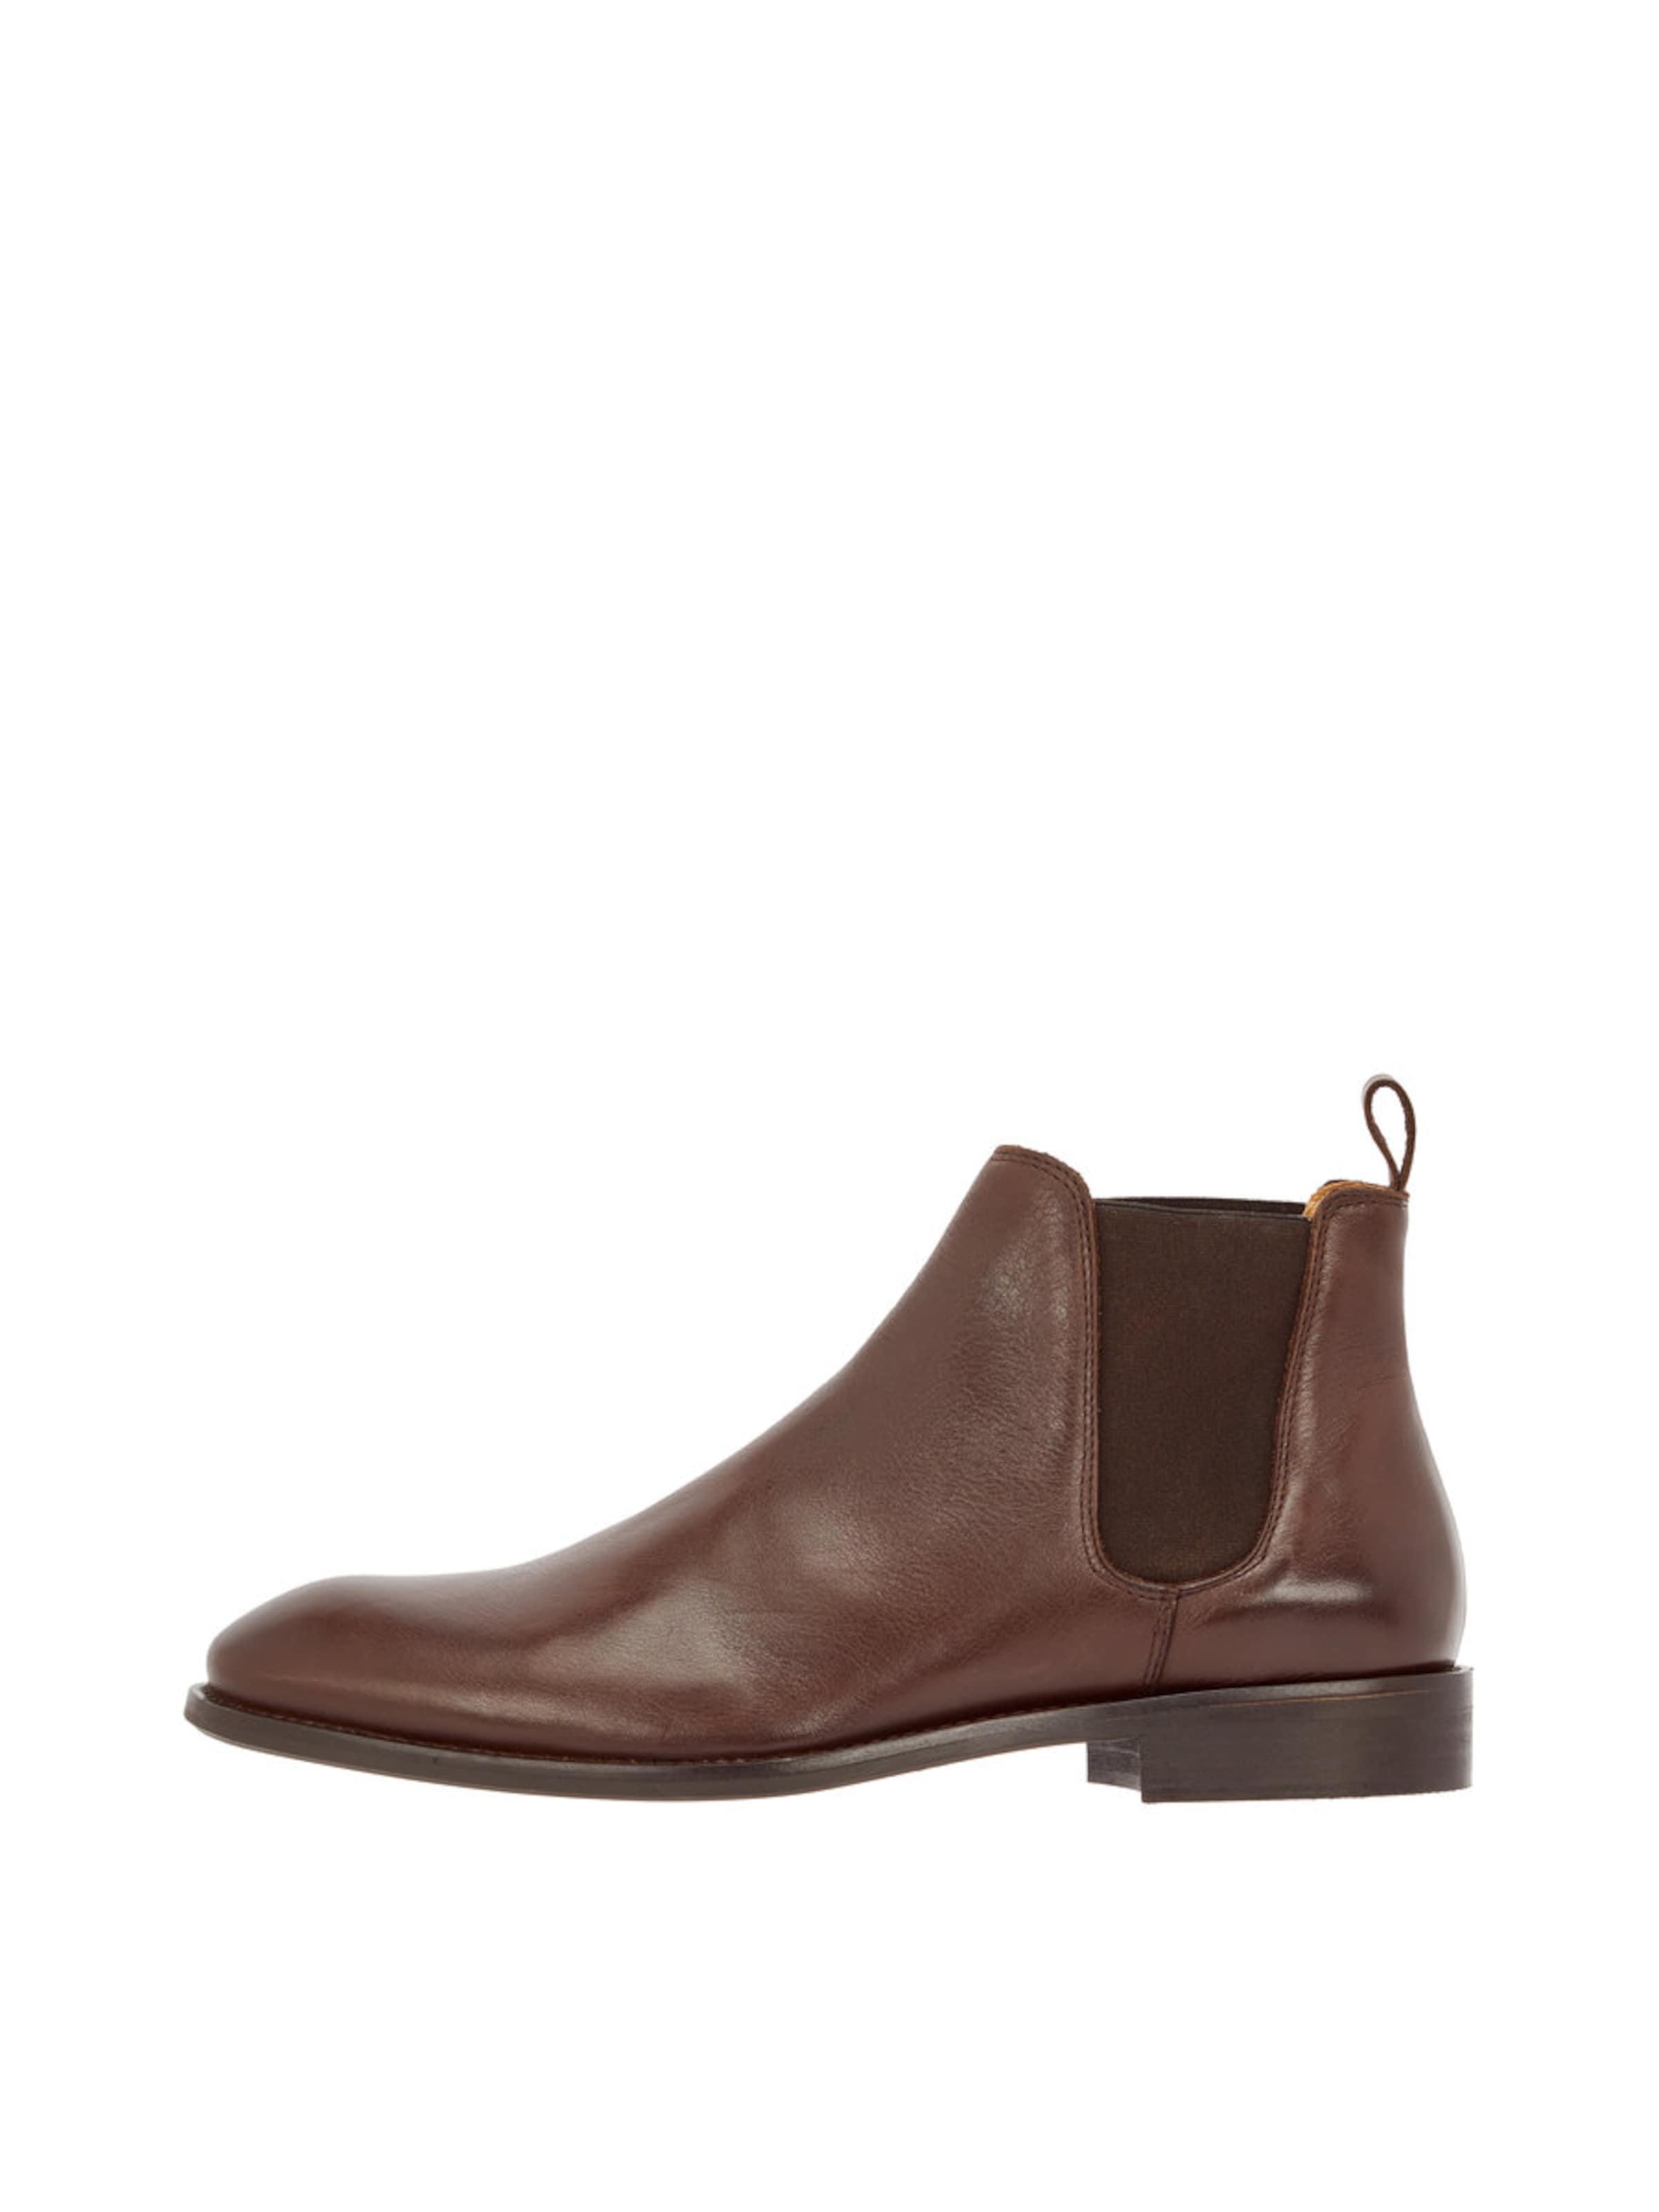 Bianco Chelsea Boots Günstige und langlebige Schuhe